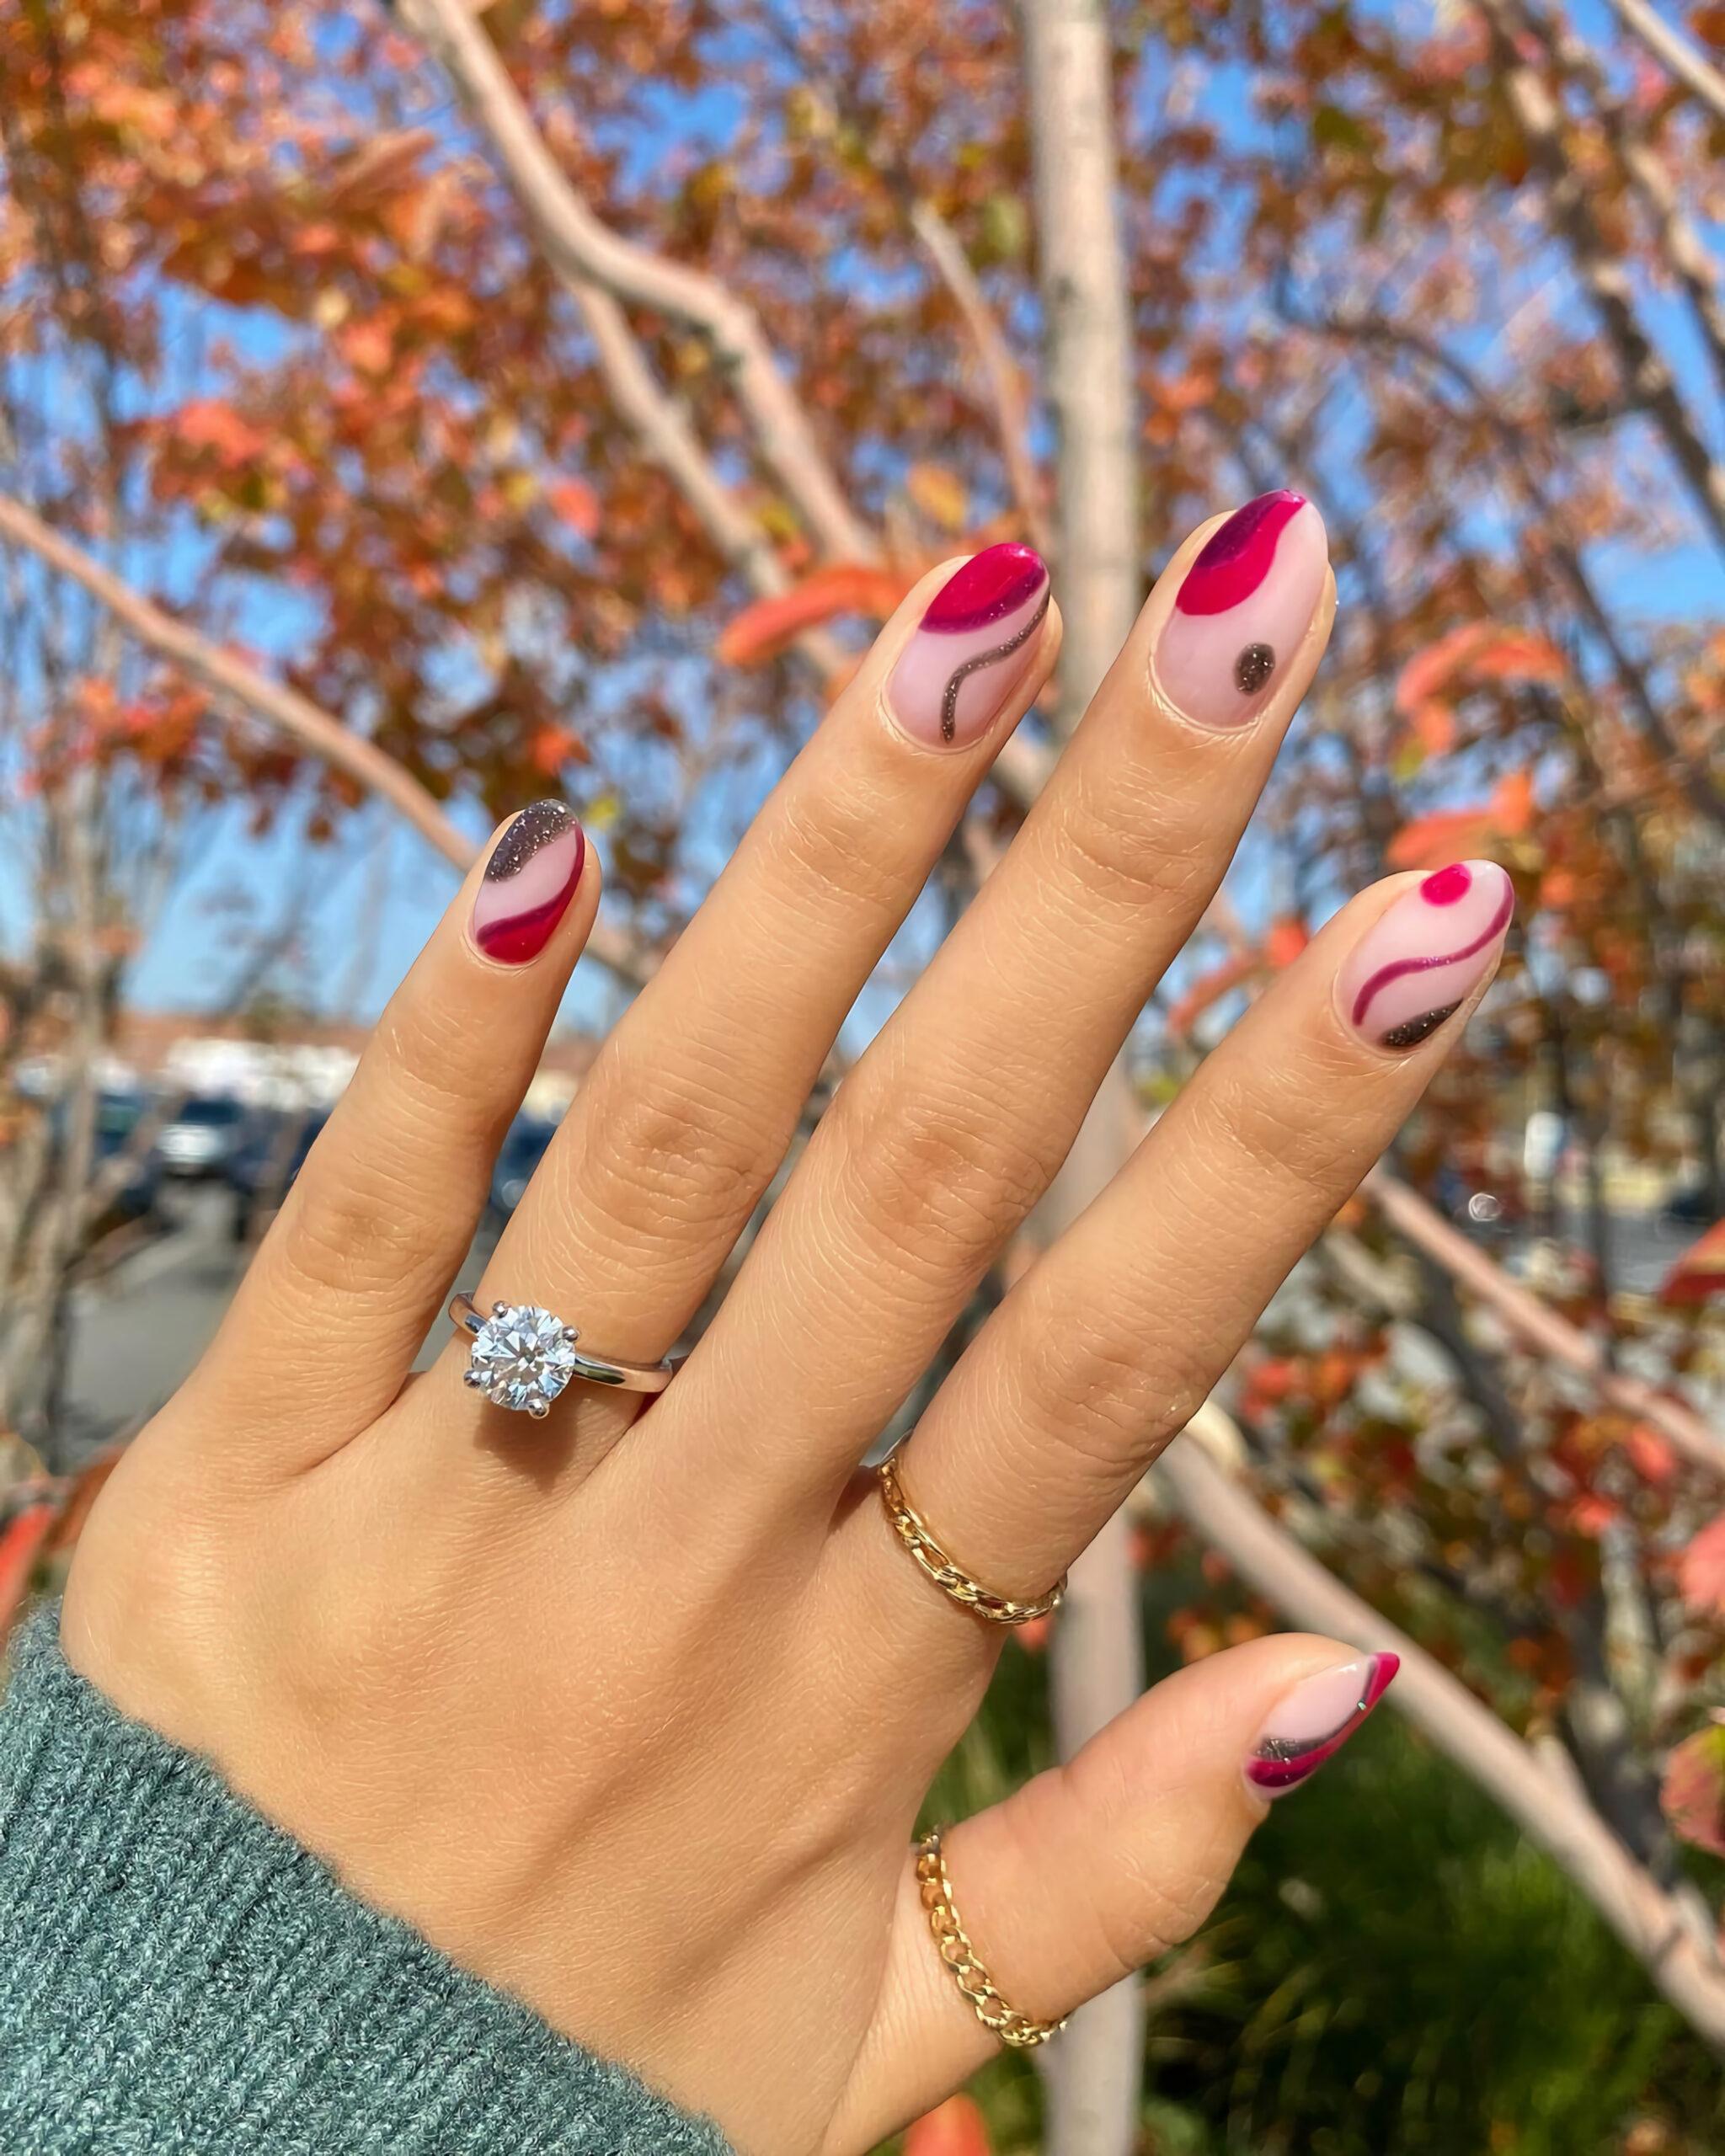 Клюквенные ногти